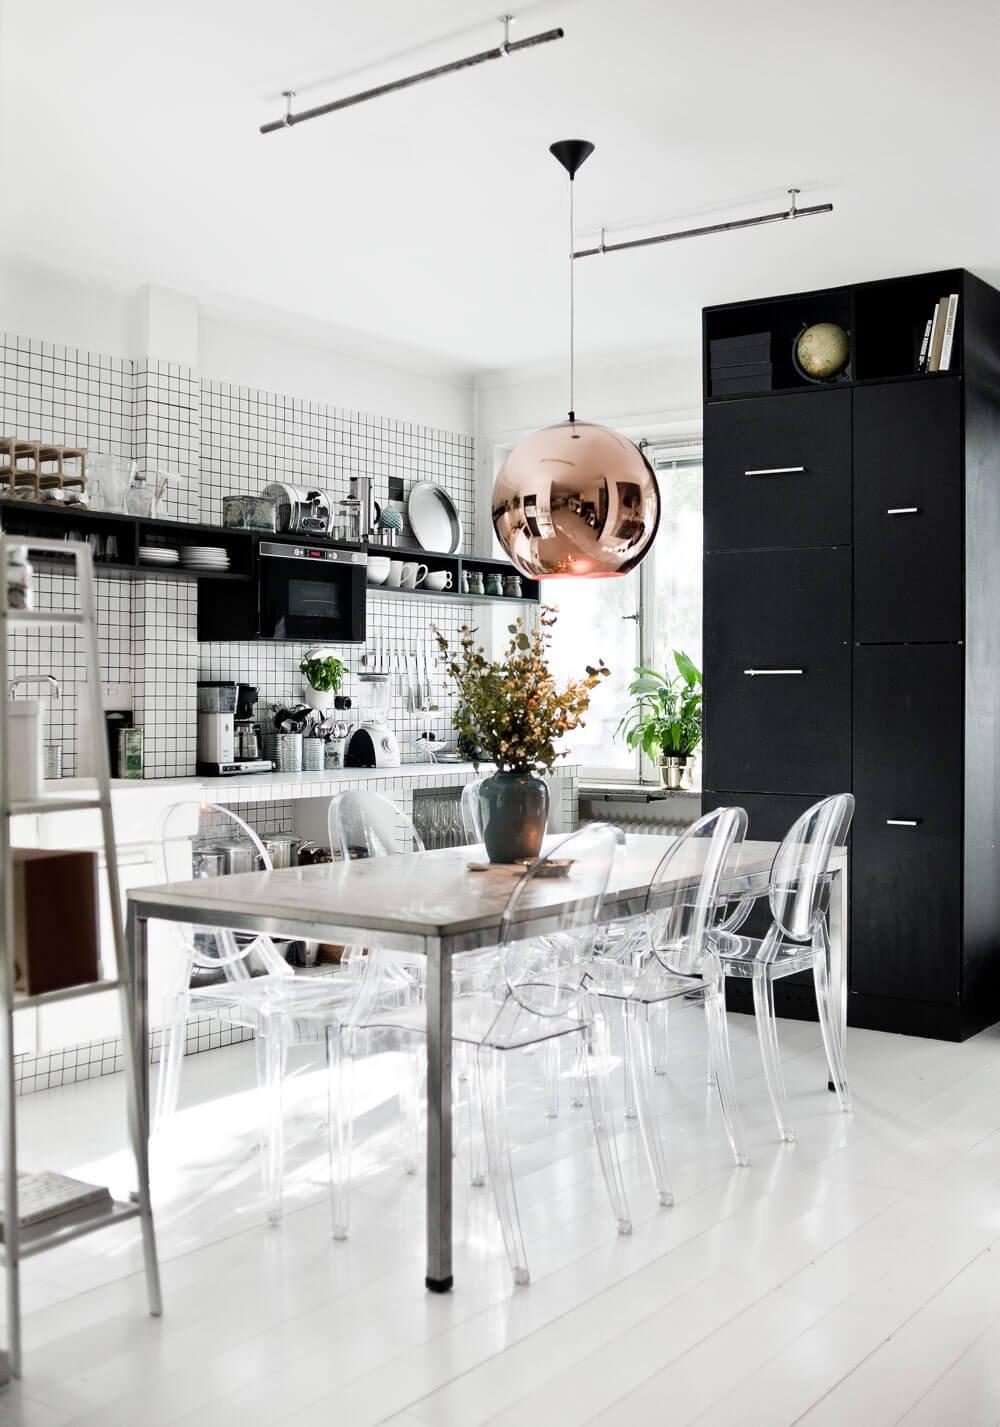 Фото черно белой кухни со множеством элементов